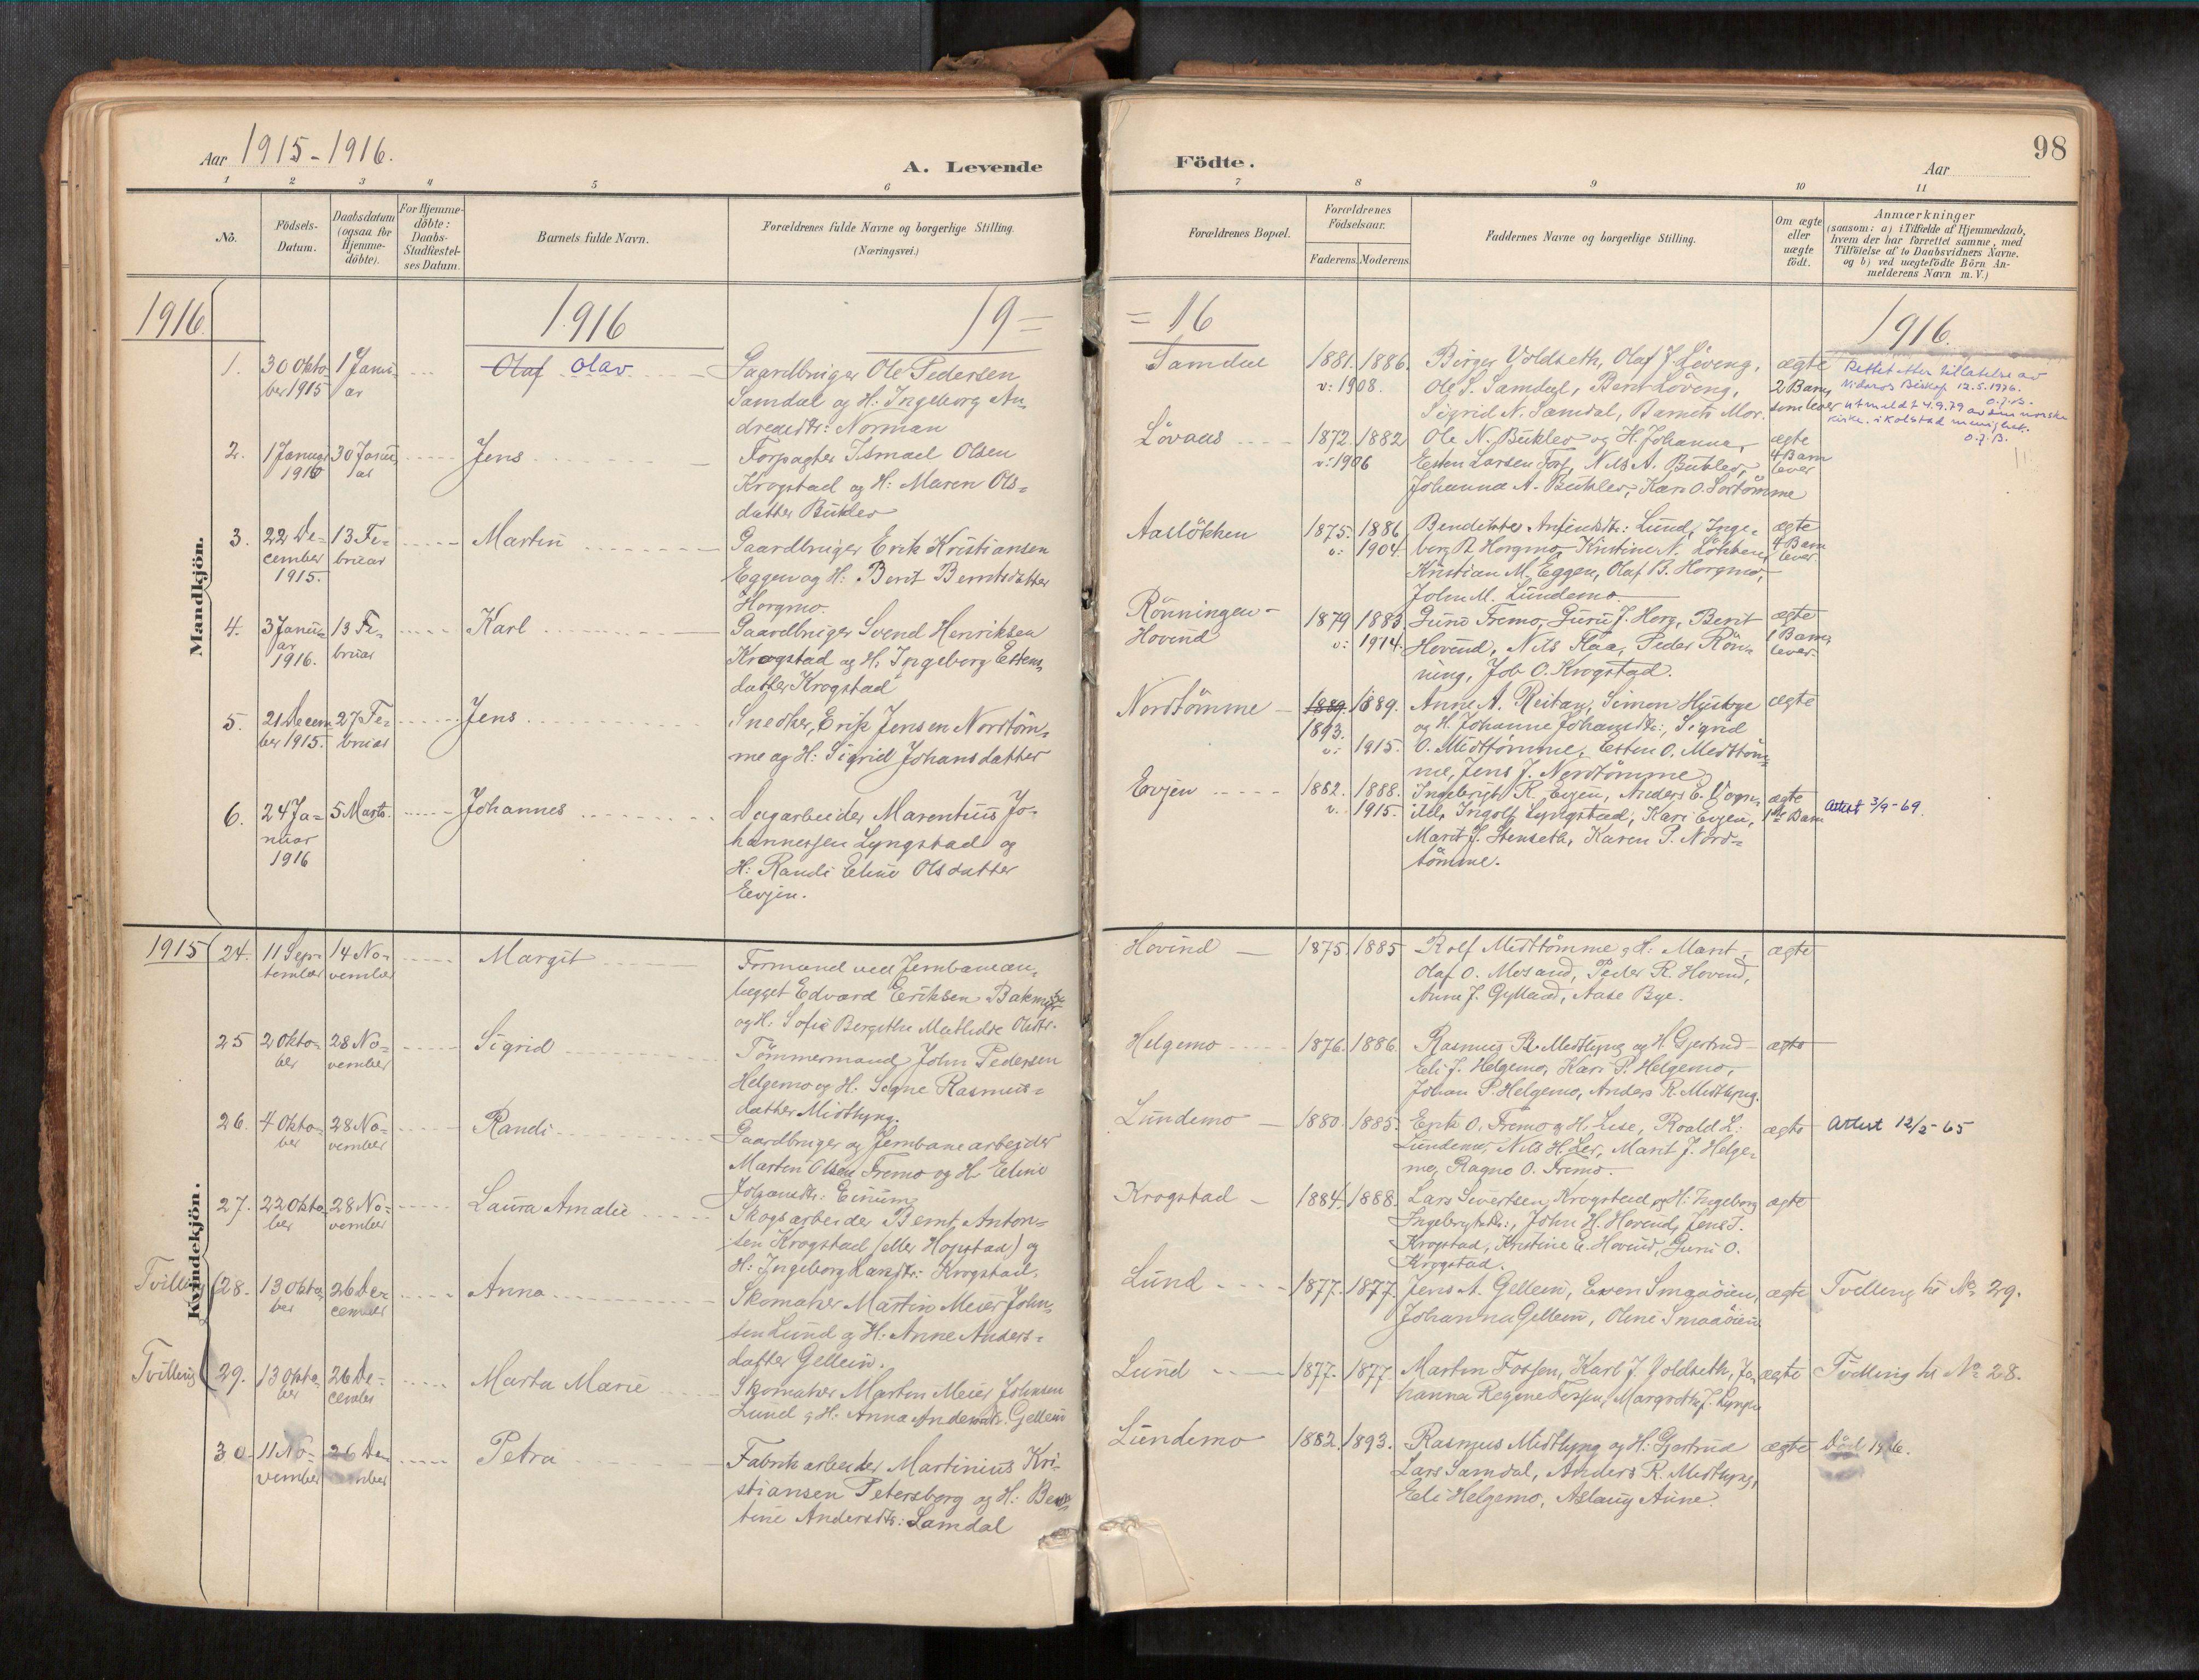 SAT, Ministerialprotokoller, klokkerbøker og fødselsregistre - Sør-Trøndelag, 692/L1105b: Ministerialbok nr. 692A06, 1891-1934, s. 98